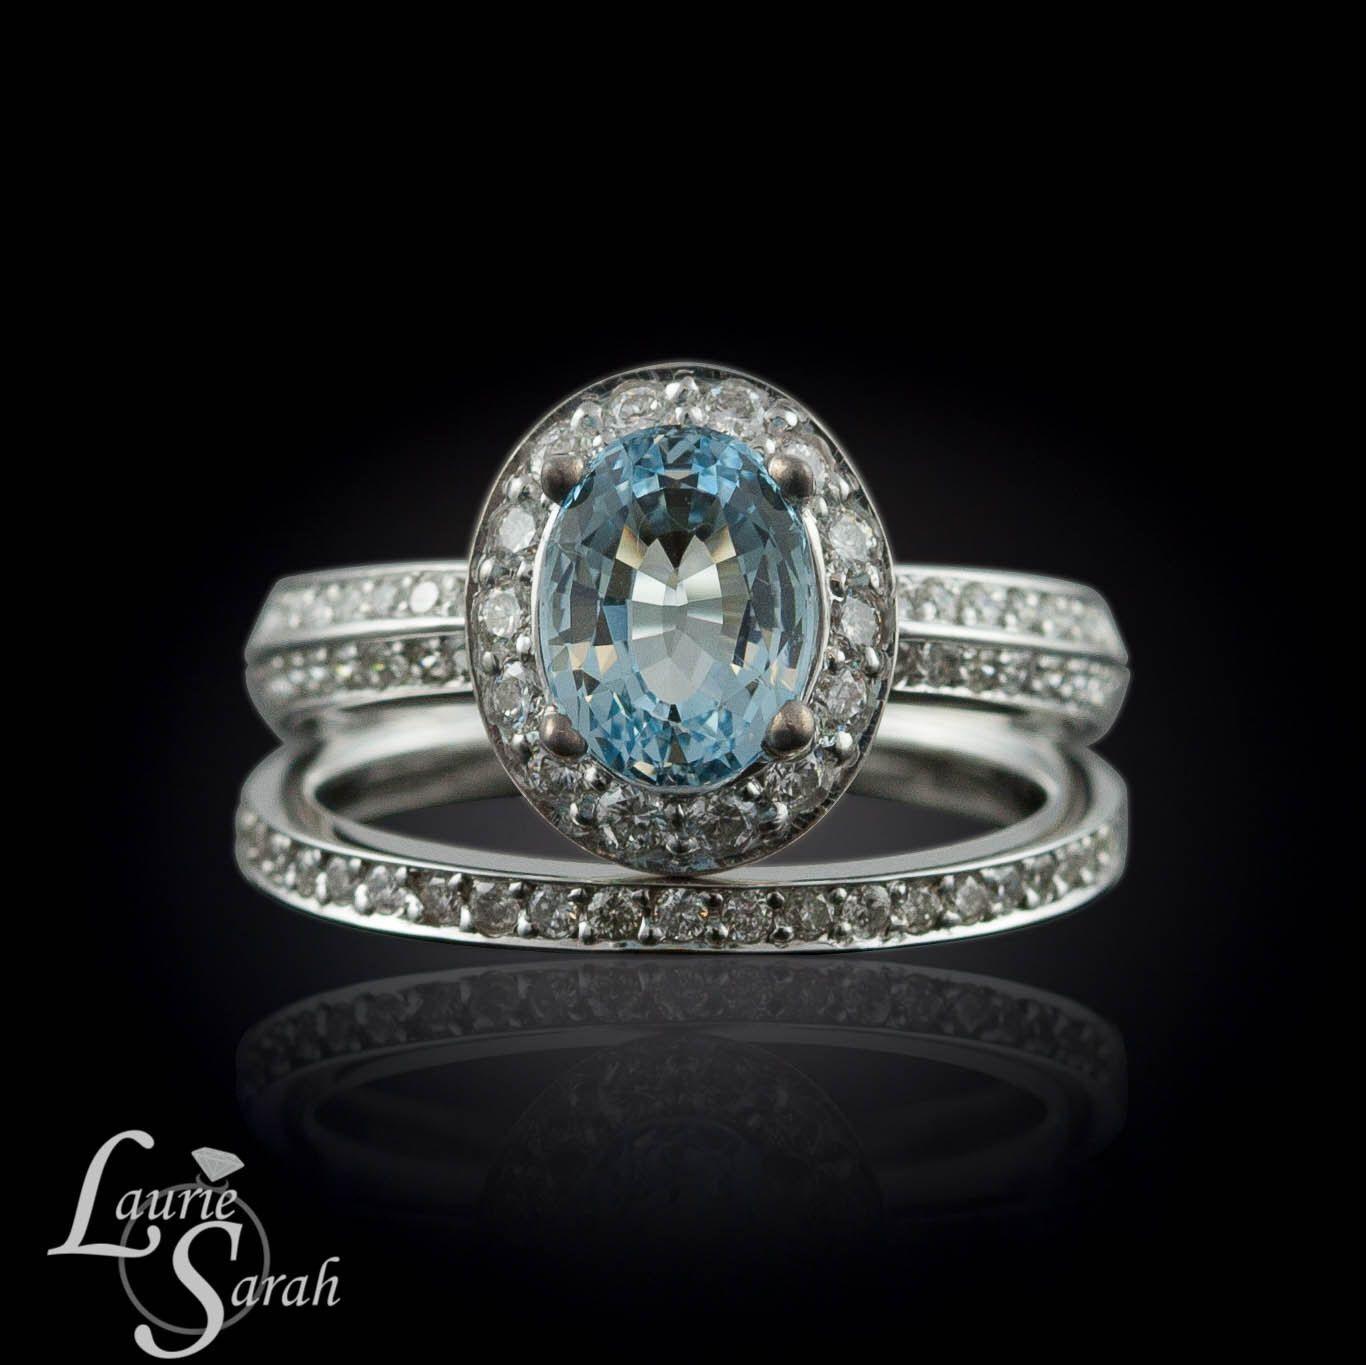 aquamarine wedding rings Oval Aquamarine Wedding Ring Set with Knife Edge Shank and Diamond Wedding Band LS by